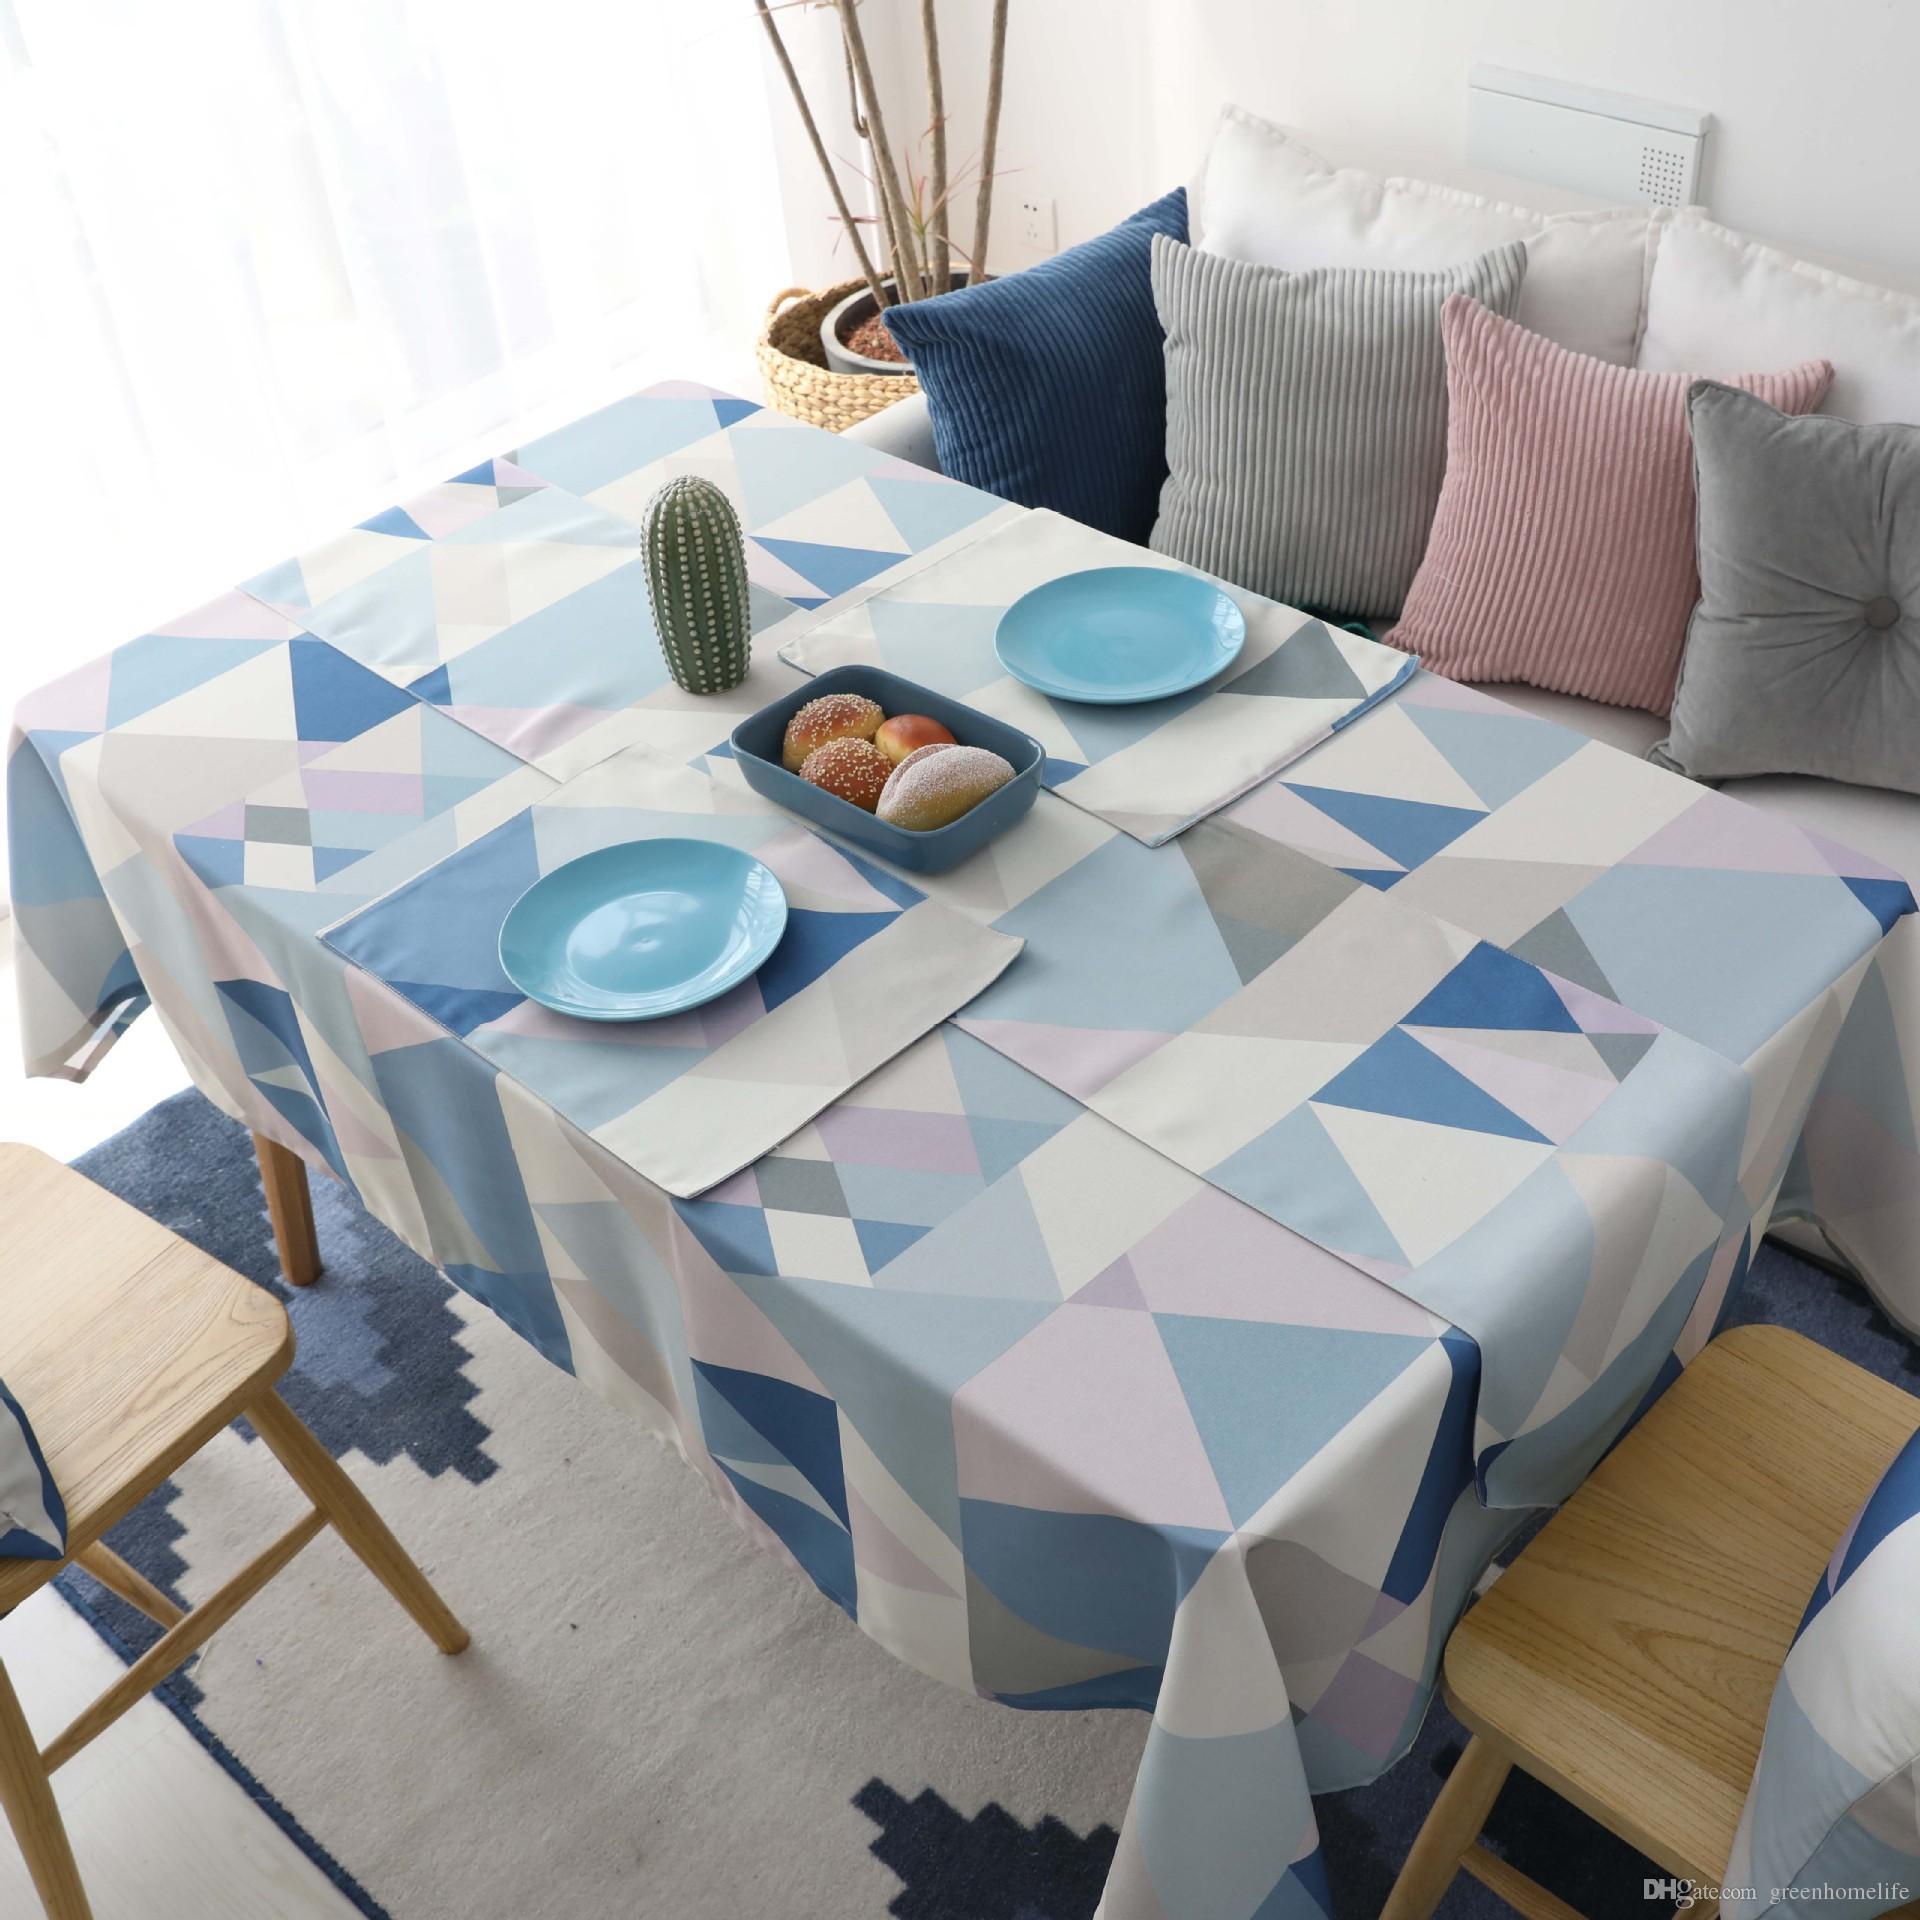 Rectangulaire Minimaliste À Imperméable Gratuite Nordique Table Basse Nappe Salon Salle Livraison Manger Couverture Ib6gYvf7y